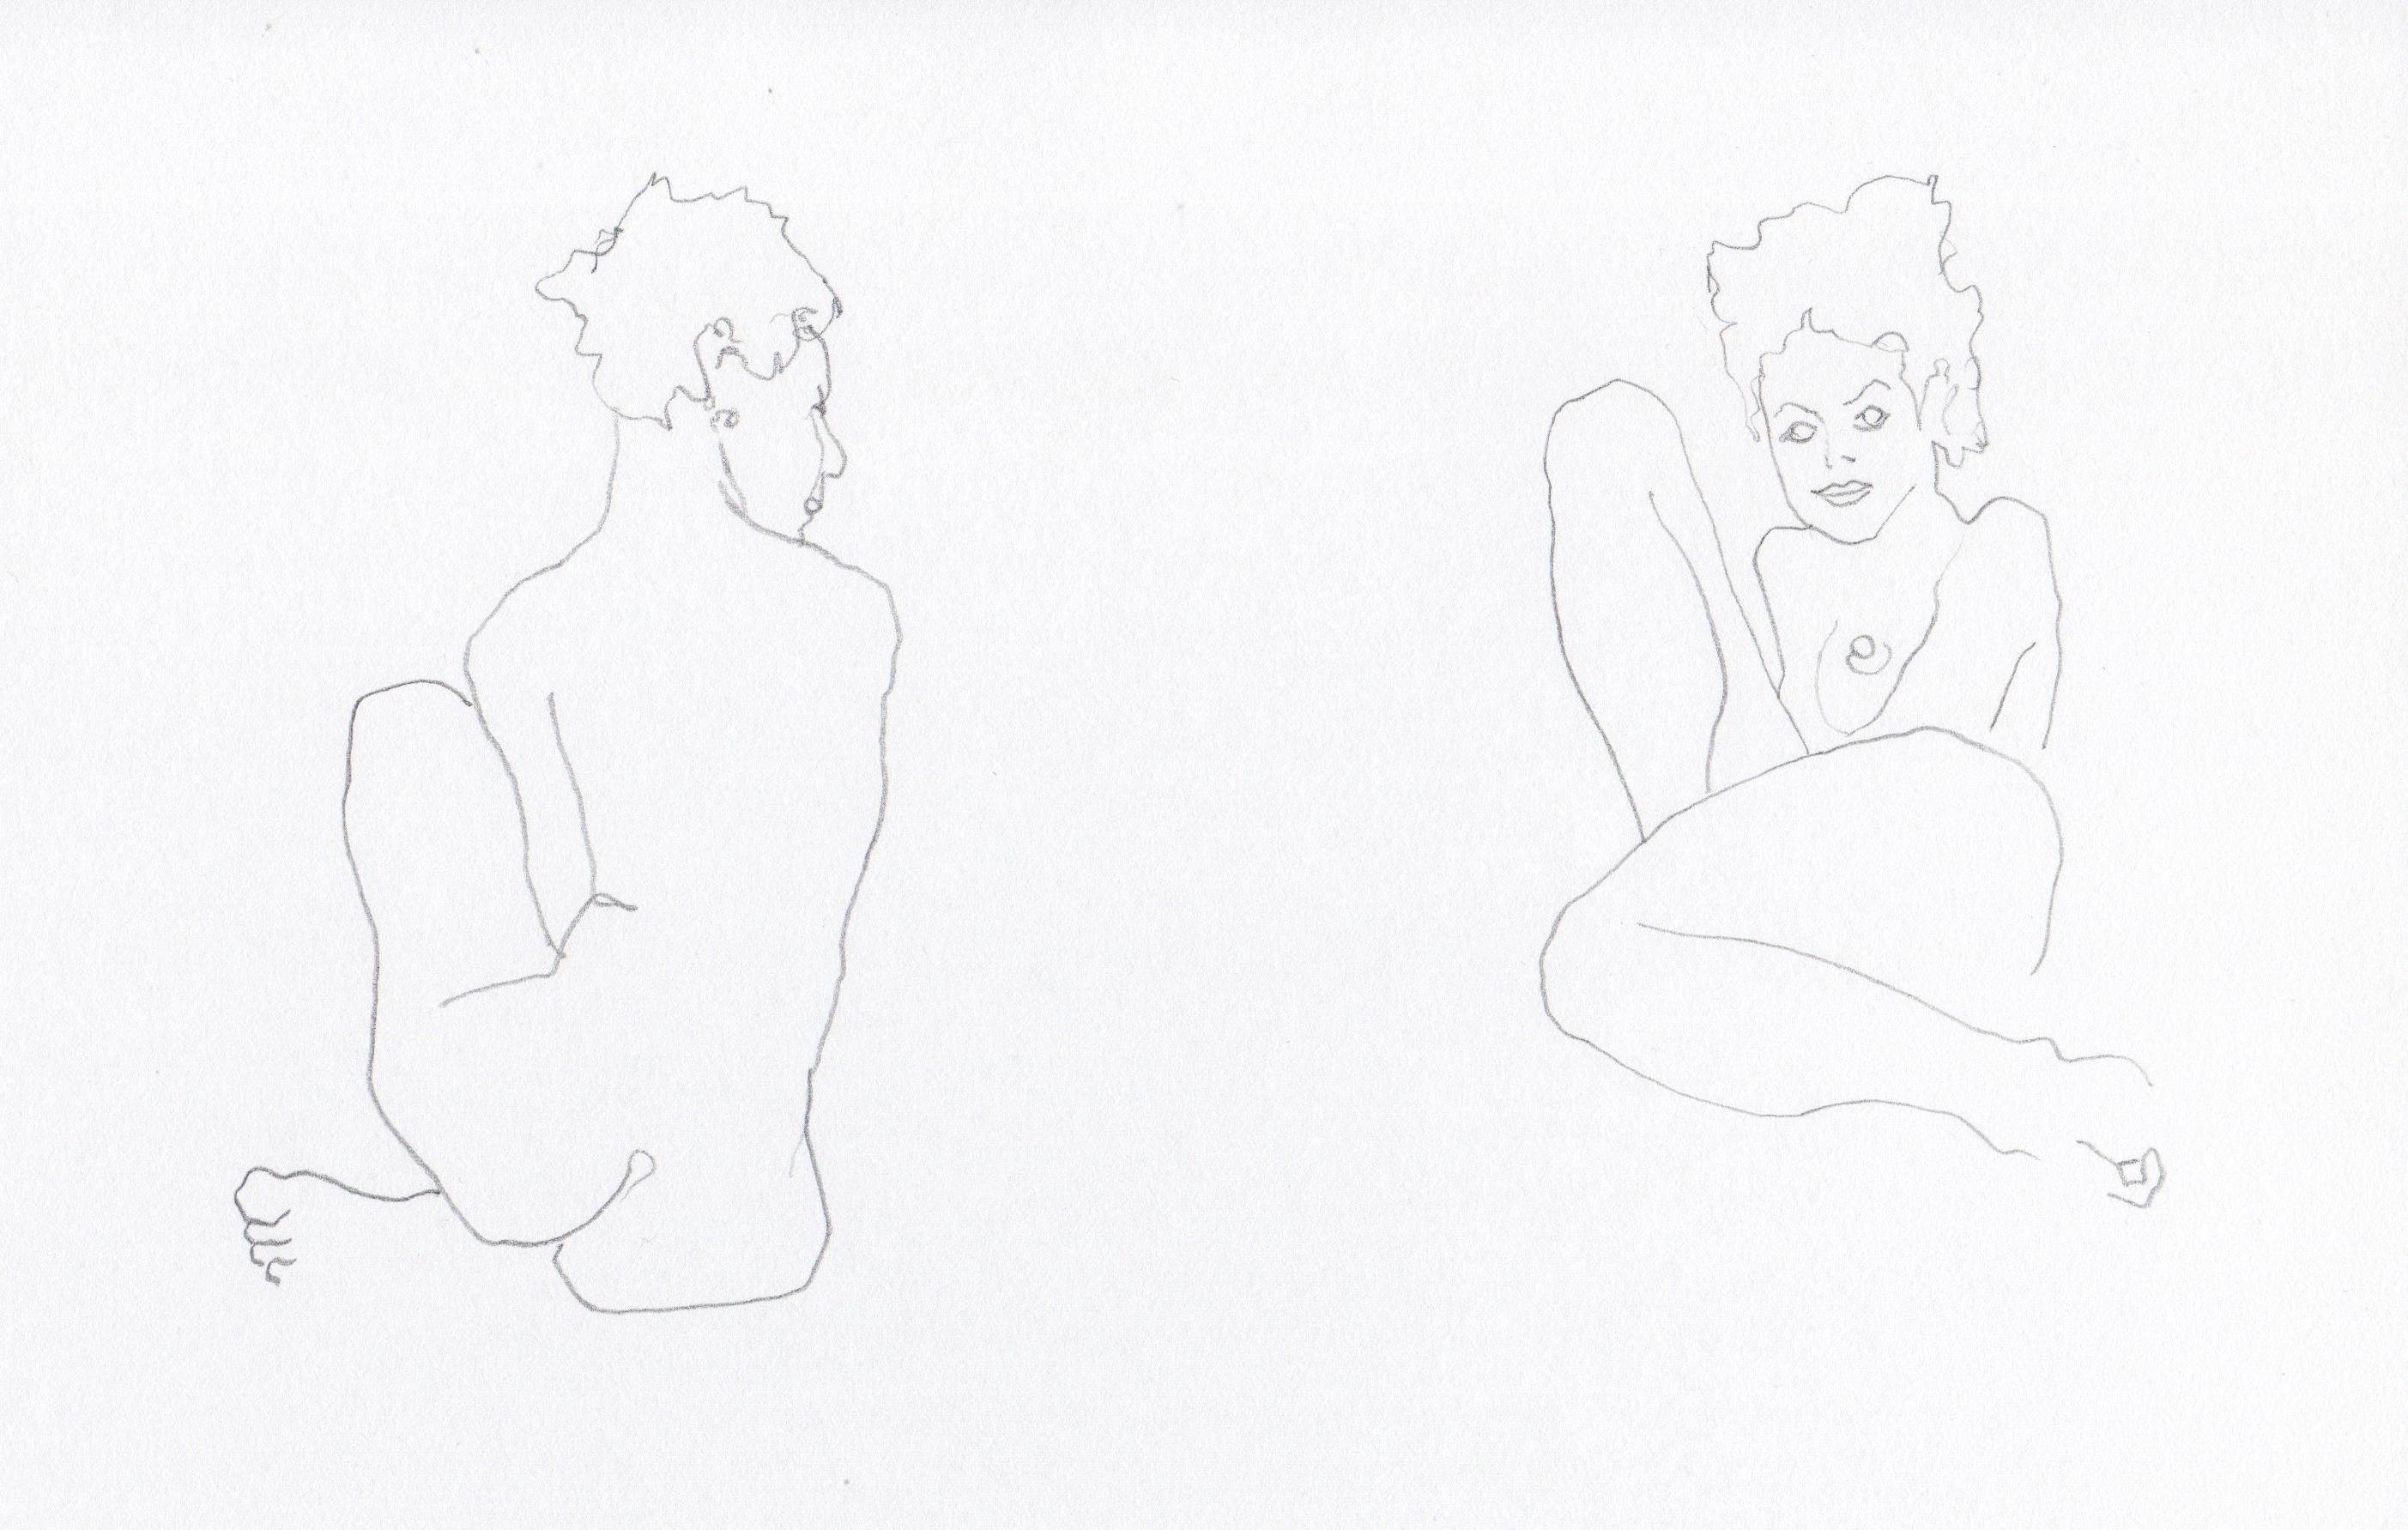 2016_Sketch_F-Beudin_Ludivine-Lacorre_01